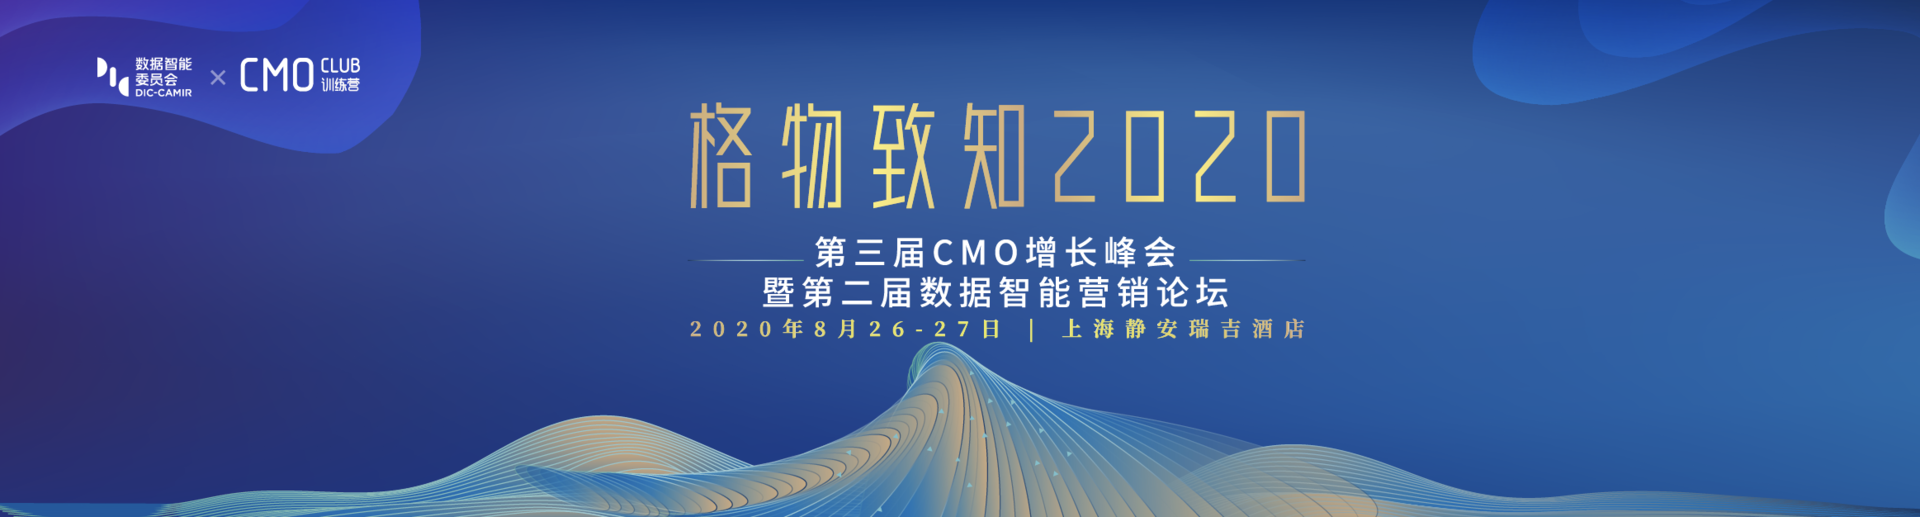 格物致知2020第三届CMO增长峰会暨第二届数据智能营销论坛